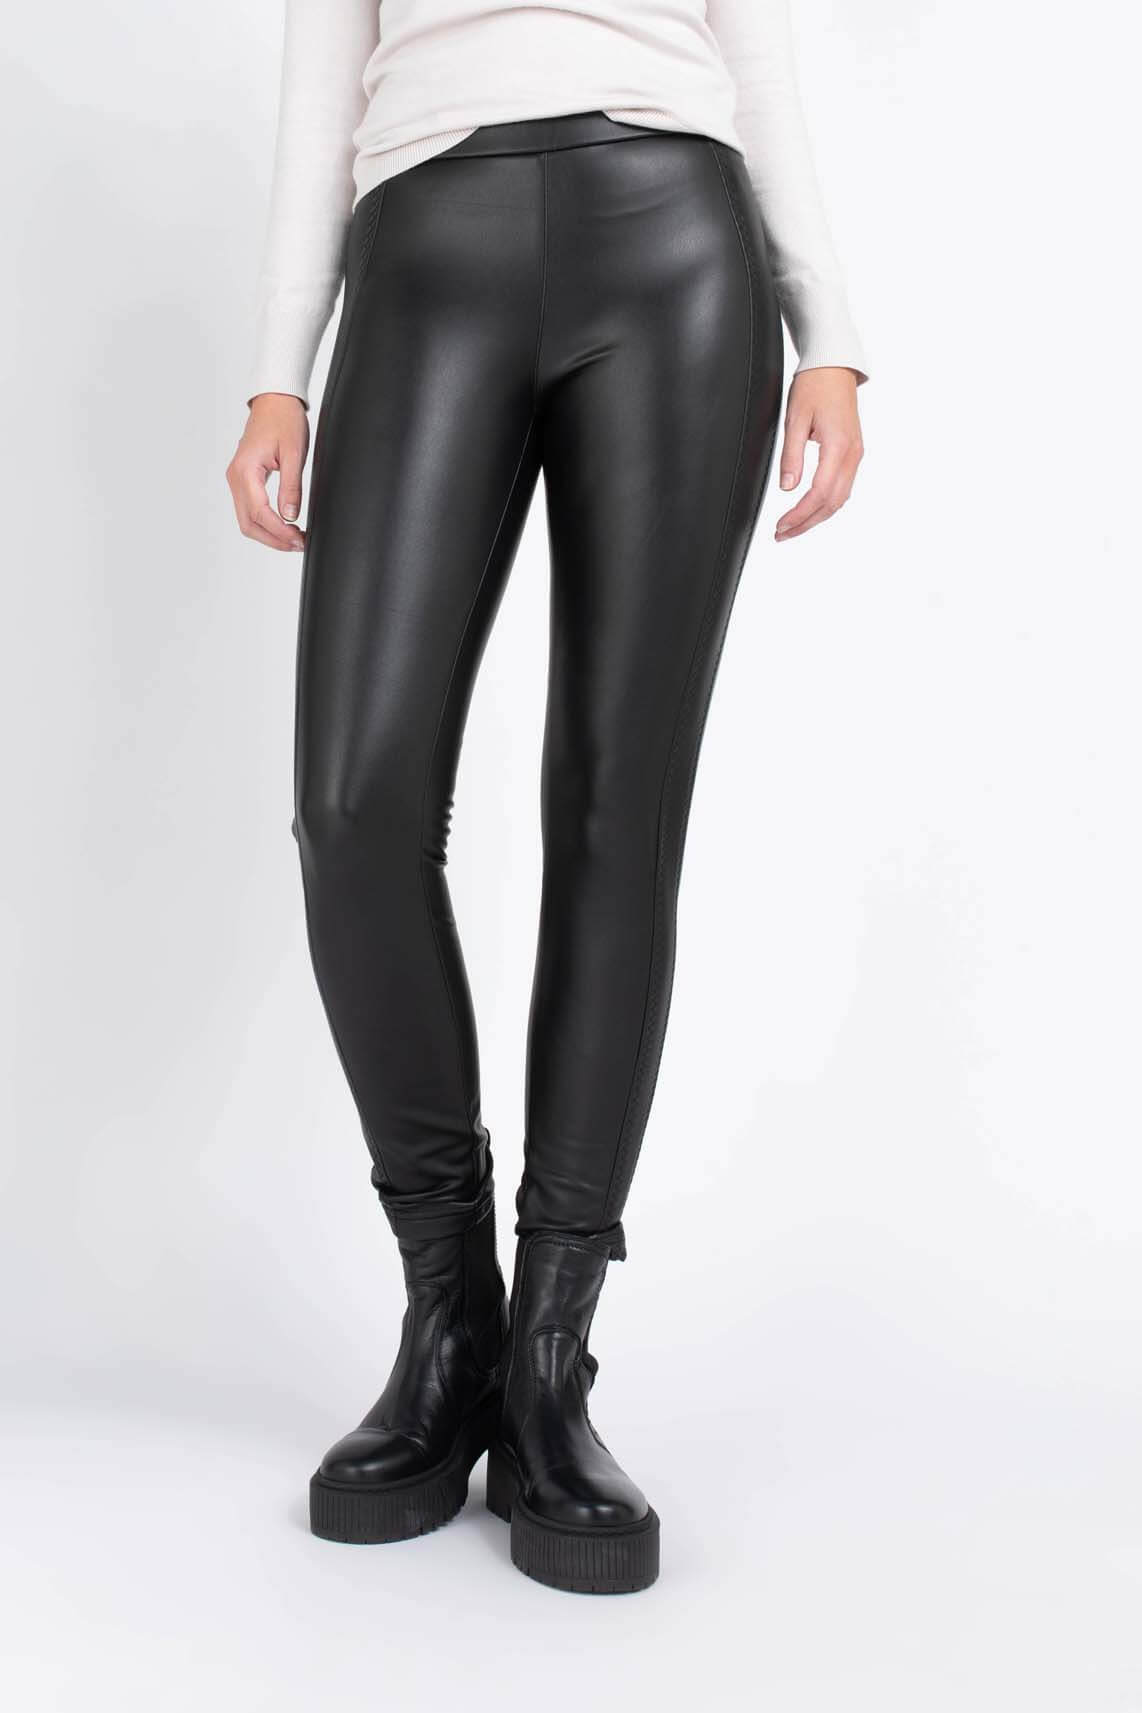 Rosner Dames L30 Alisa legging Zwart